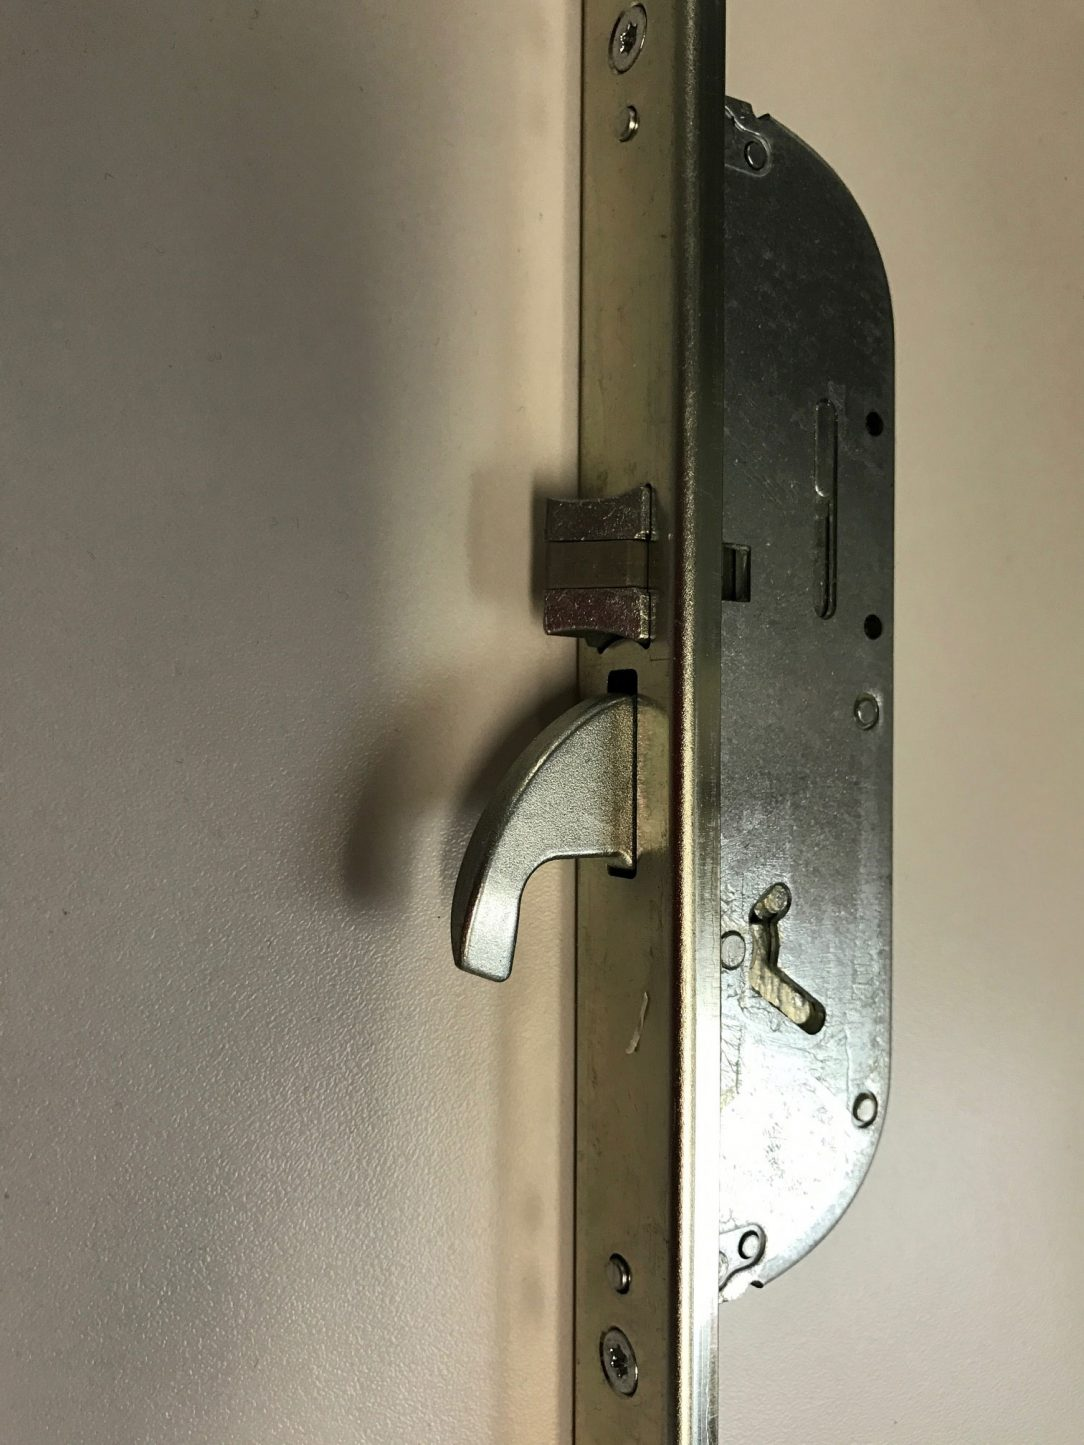 Háky fungujú keď sú dvere úplne zatvorené.